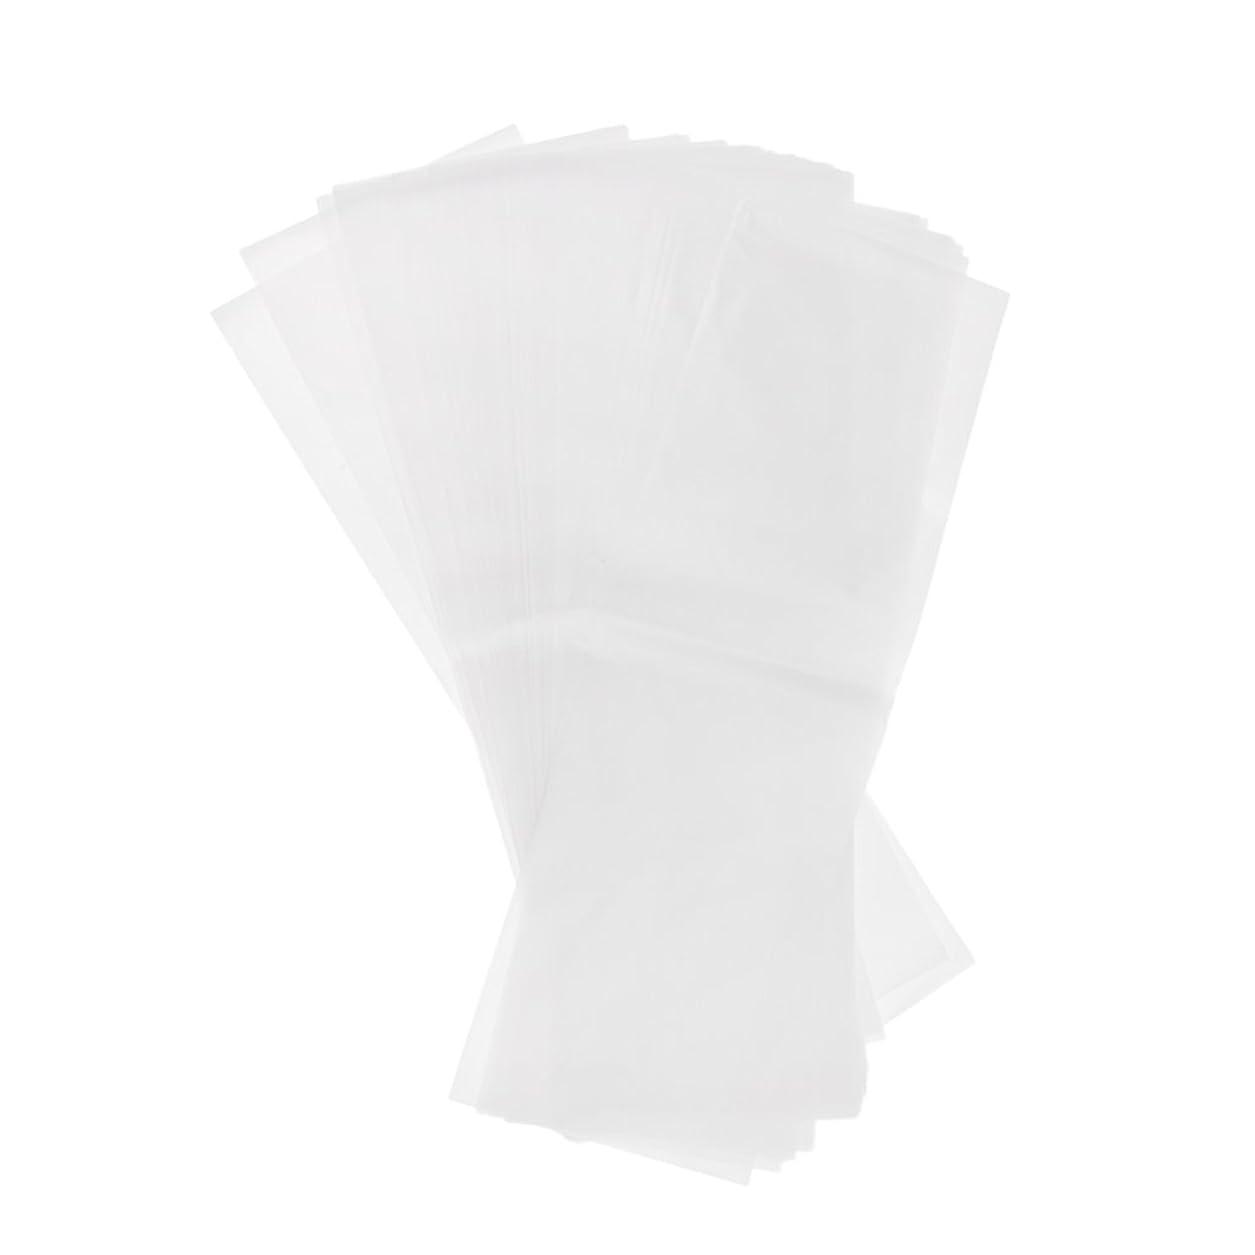 凝縮するミュウミュウ充実CUTICATE サロン プラスチック 染毛紙色 ハイライト分離シート 再利用可能 約100個